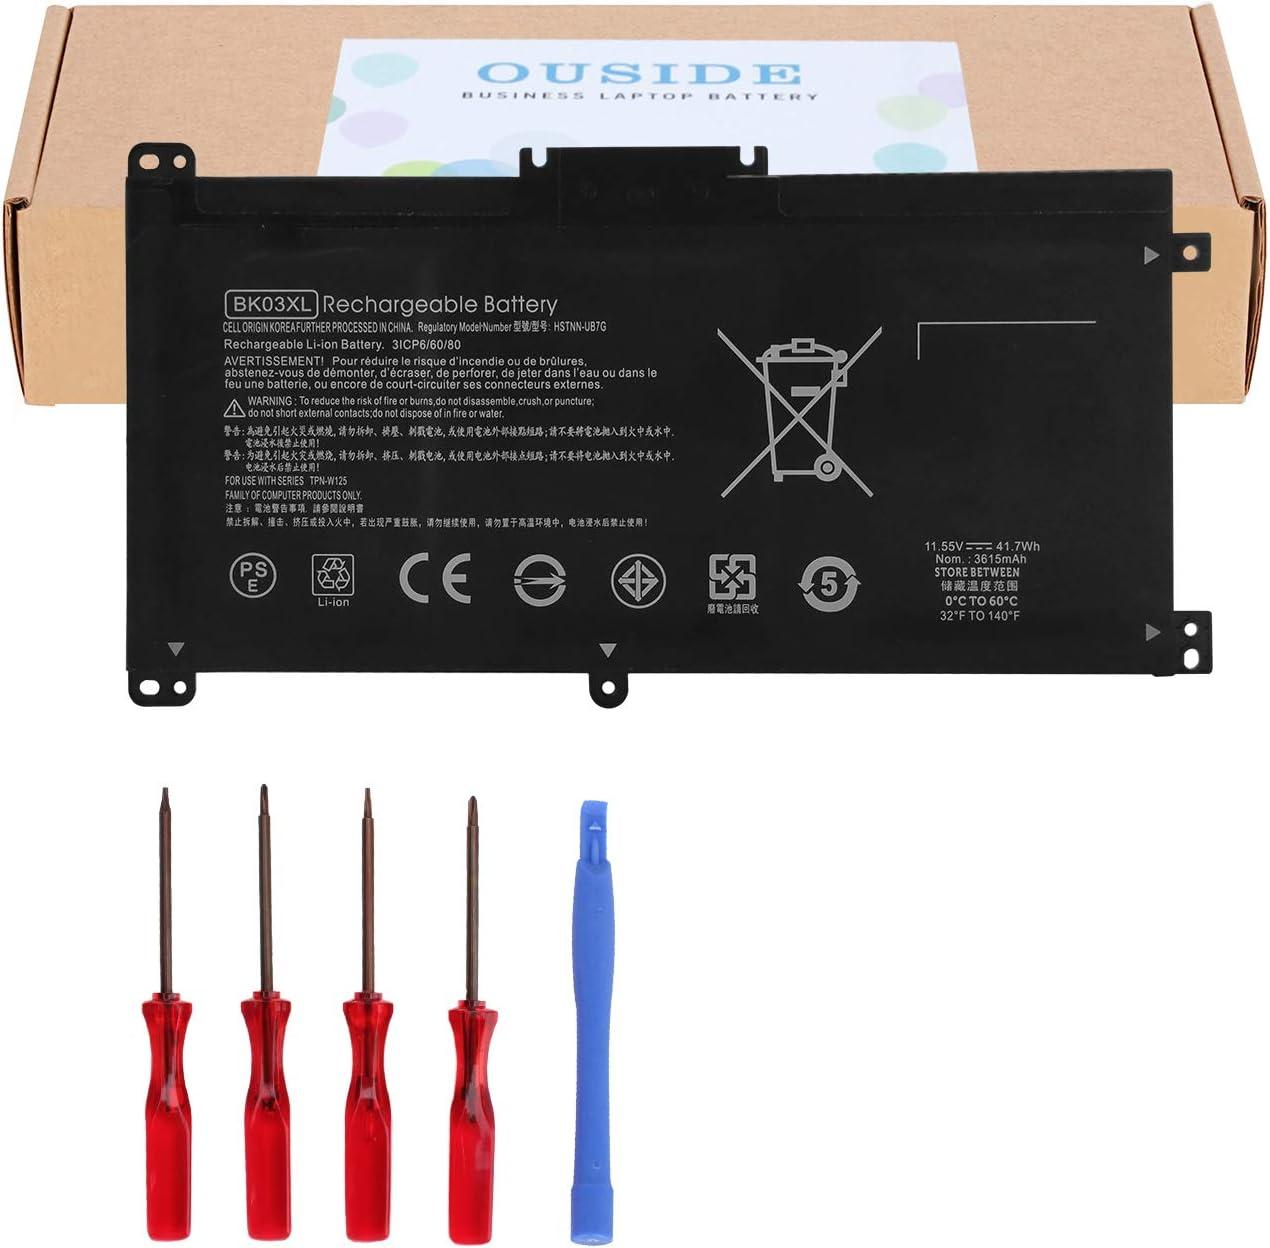 OUSIDE New BK03XL HSTNN-LB7S Laptop Battery Compatible with HP Pavilion x360 Converitble 14m 14m-ba013dx 14m-ba011dx 14m-ba014dx 14m-ba114dx 14-ba000 14-ba175nr 14-ba110nr Notebook [11.55V 41.7Wh]